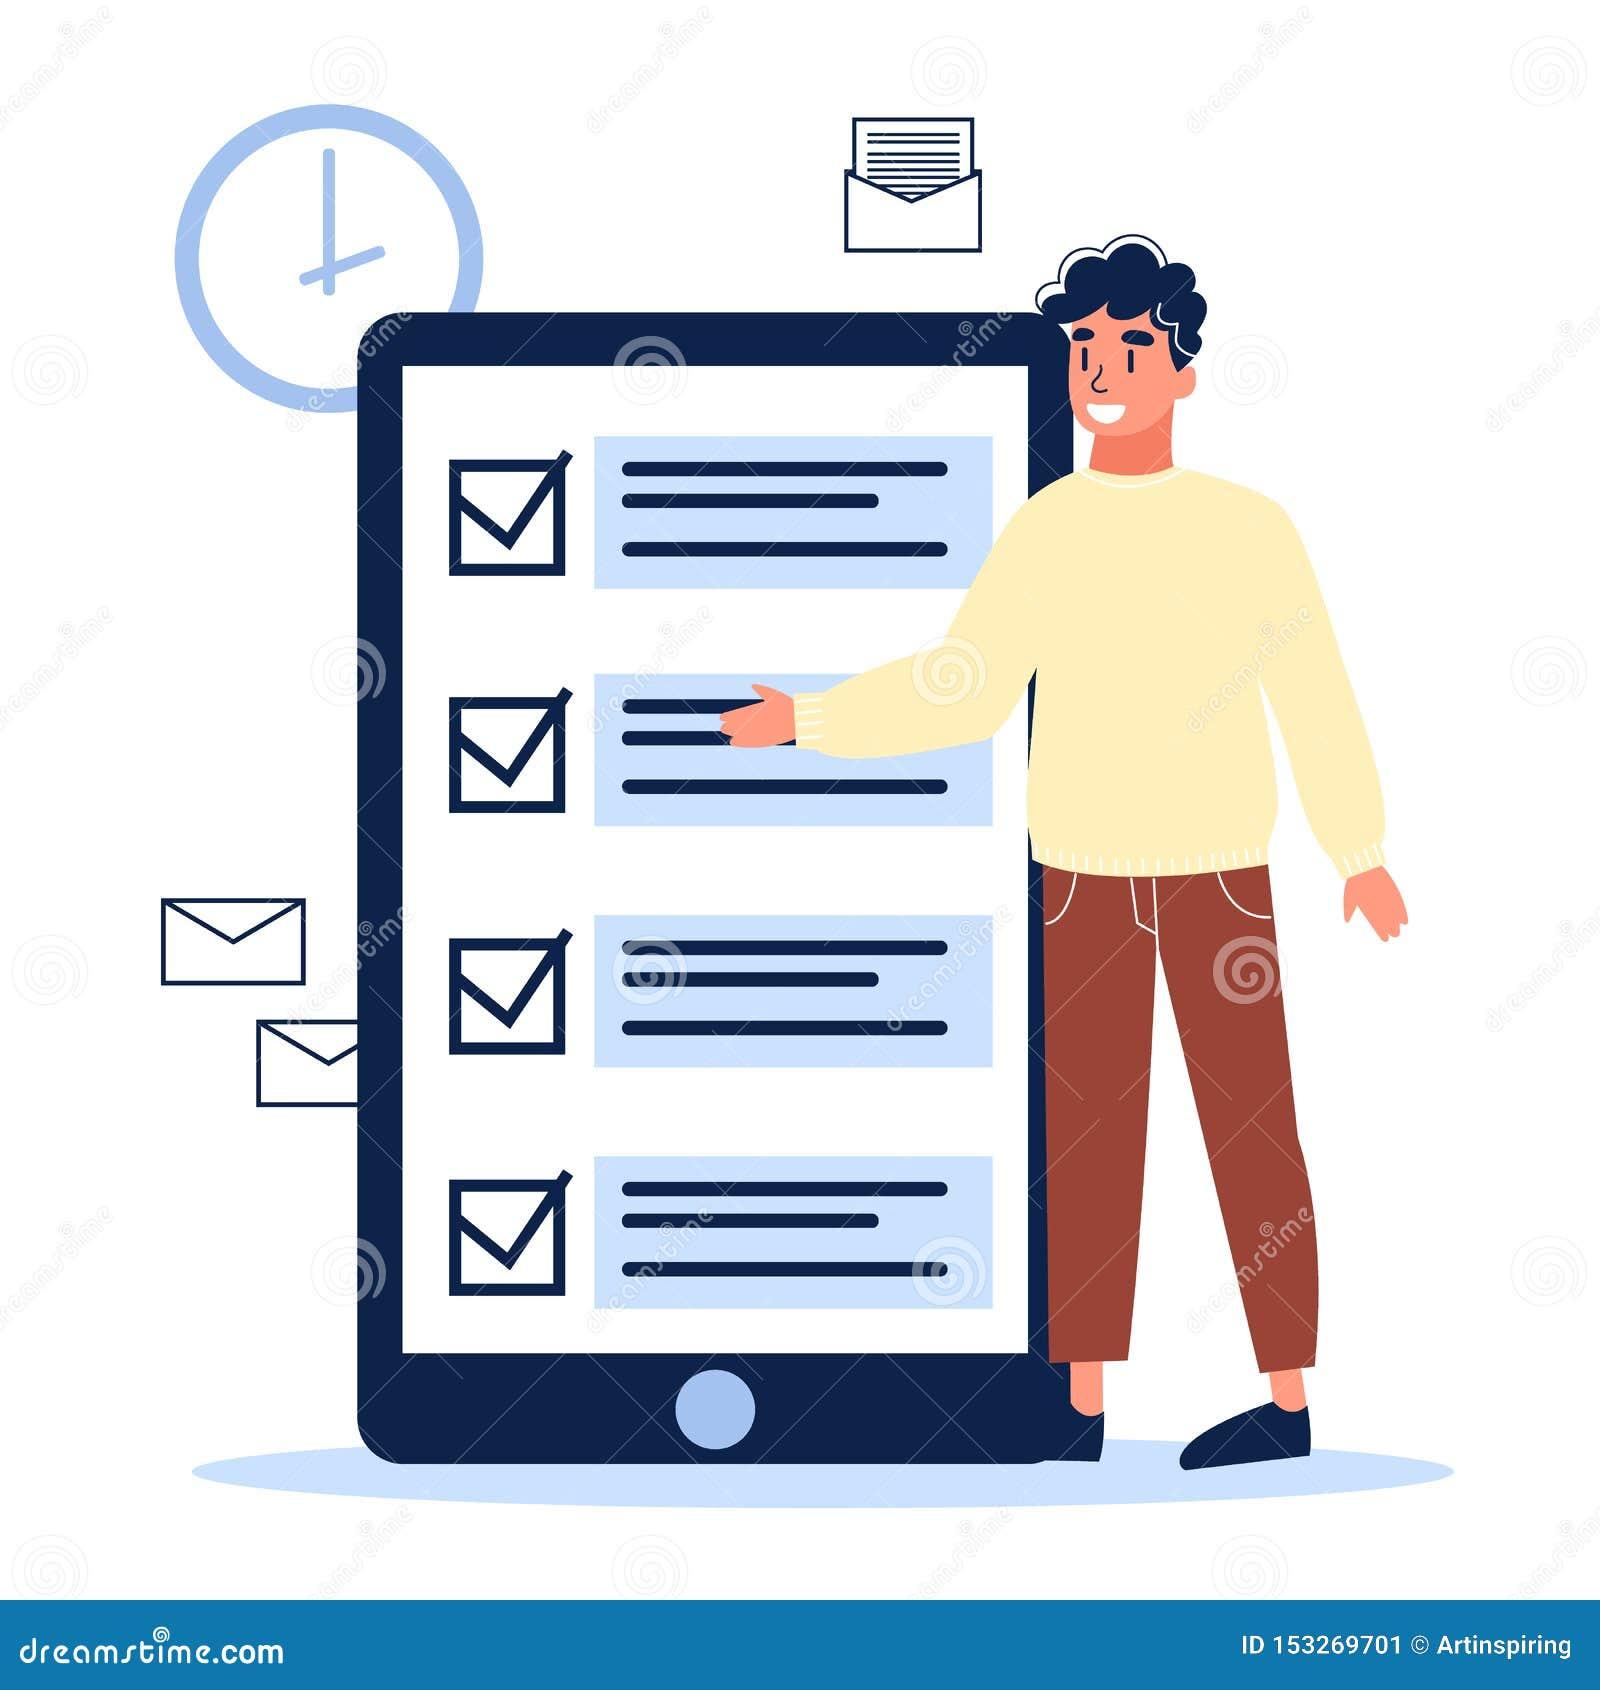 Checkliste auf dem Schirm des Handys Digital-Aufgabe